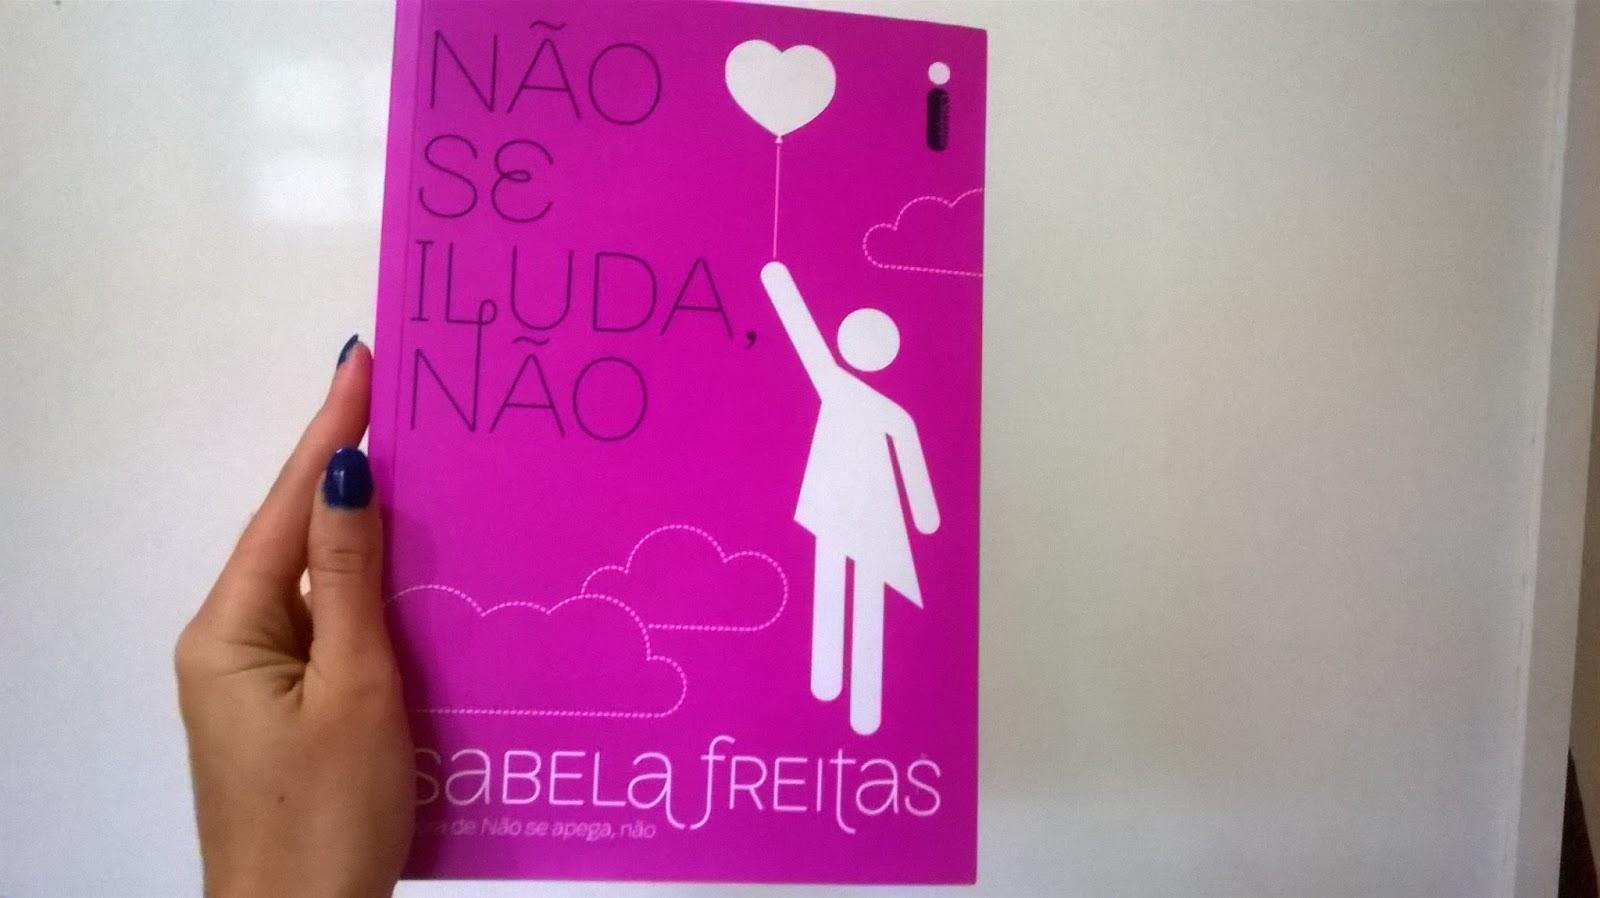 Virando Amor Resenha Não Se Iluda Não De Isabela Freitas